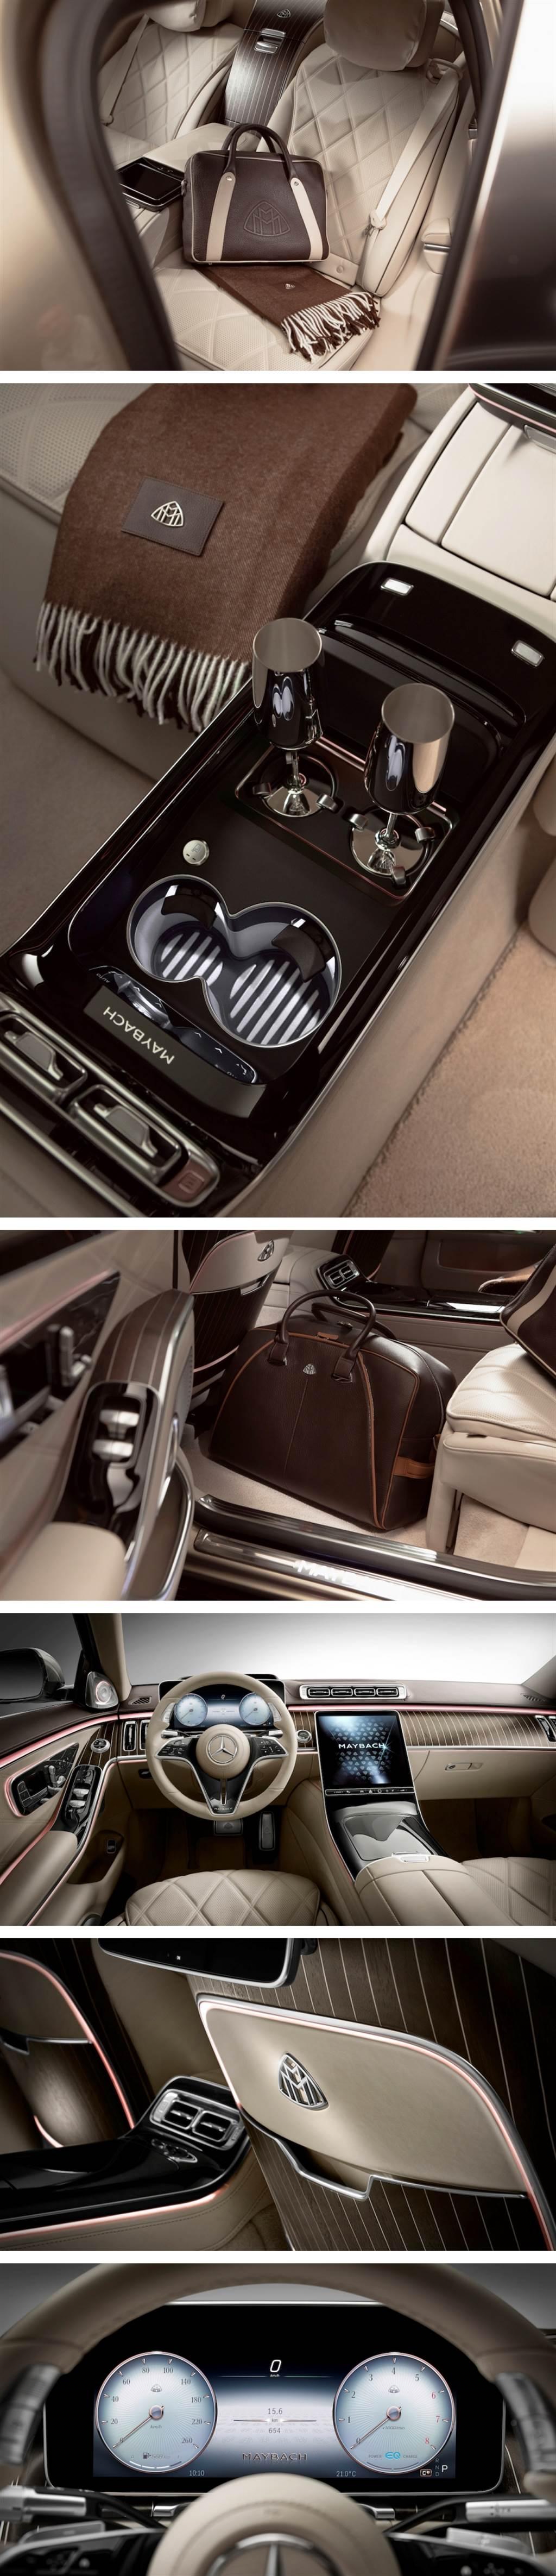 2020廣州車展:無與倫比的豪奢氣勢,Mercedes-Maybach S-Class 全球首發